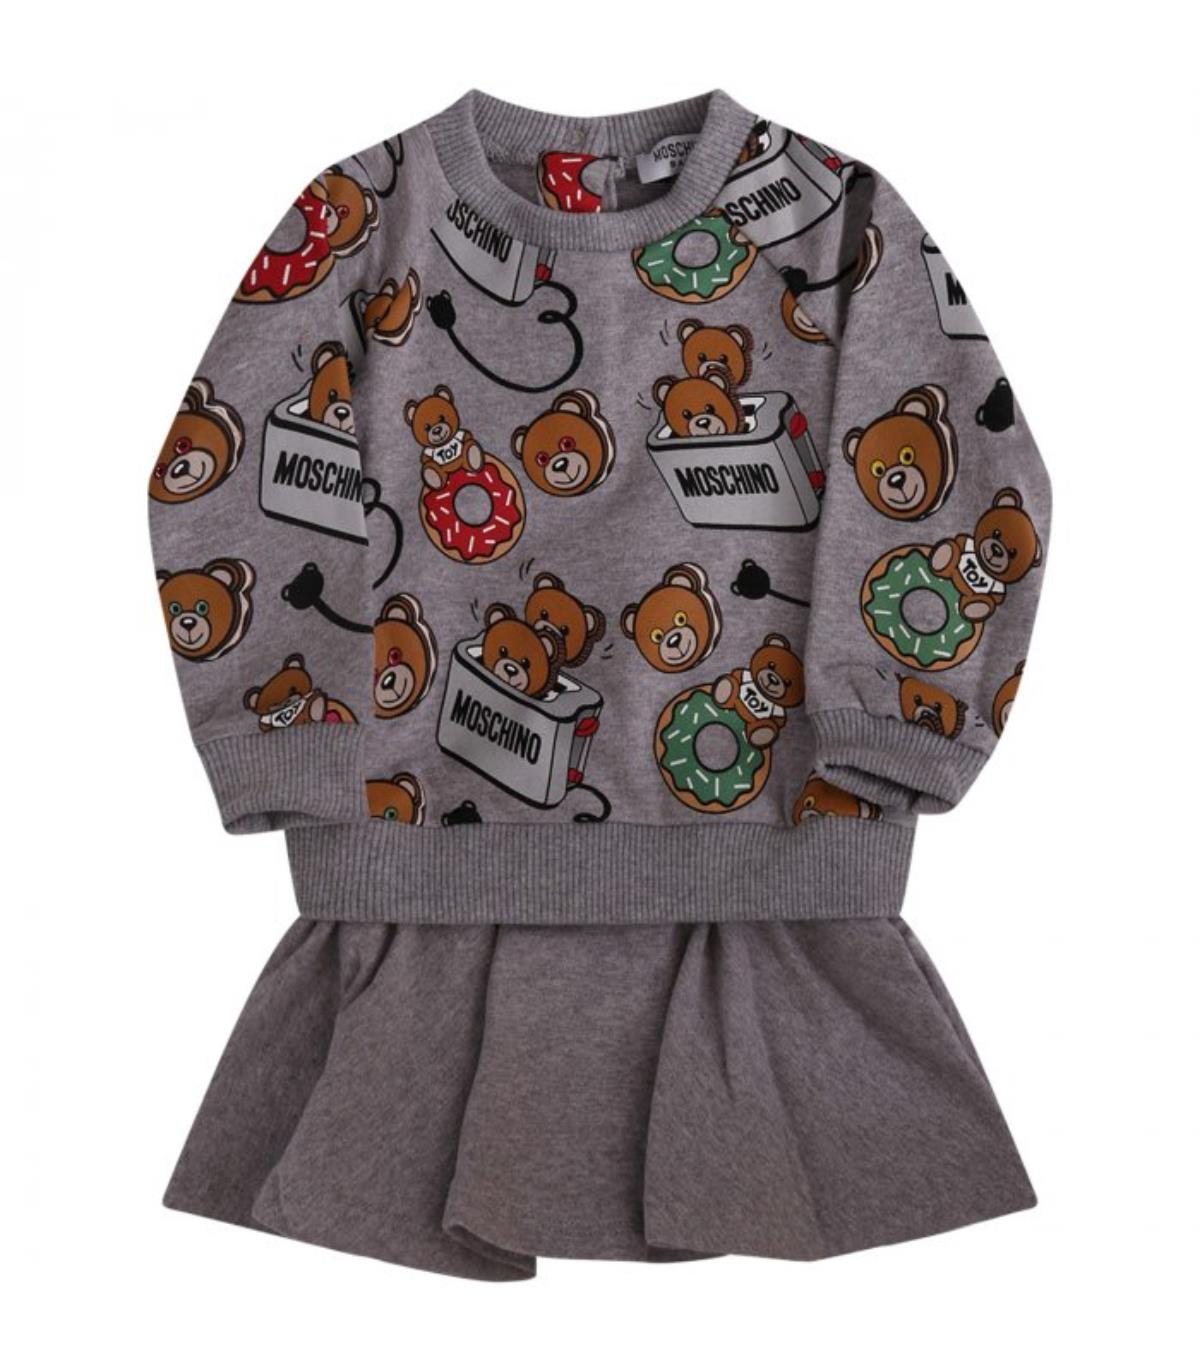 Moschino Kids Abito Grigio Felpa Teddy Bear MBV04R-LDB04. MOSCHINO  MBV04R-LDB04 677936d2bc6